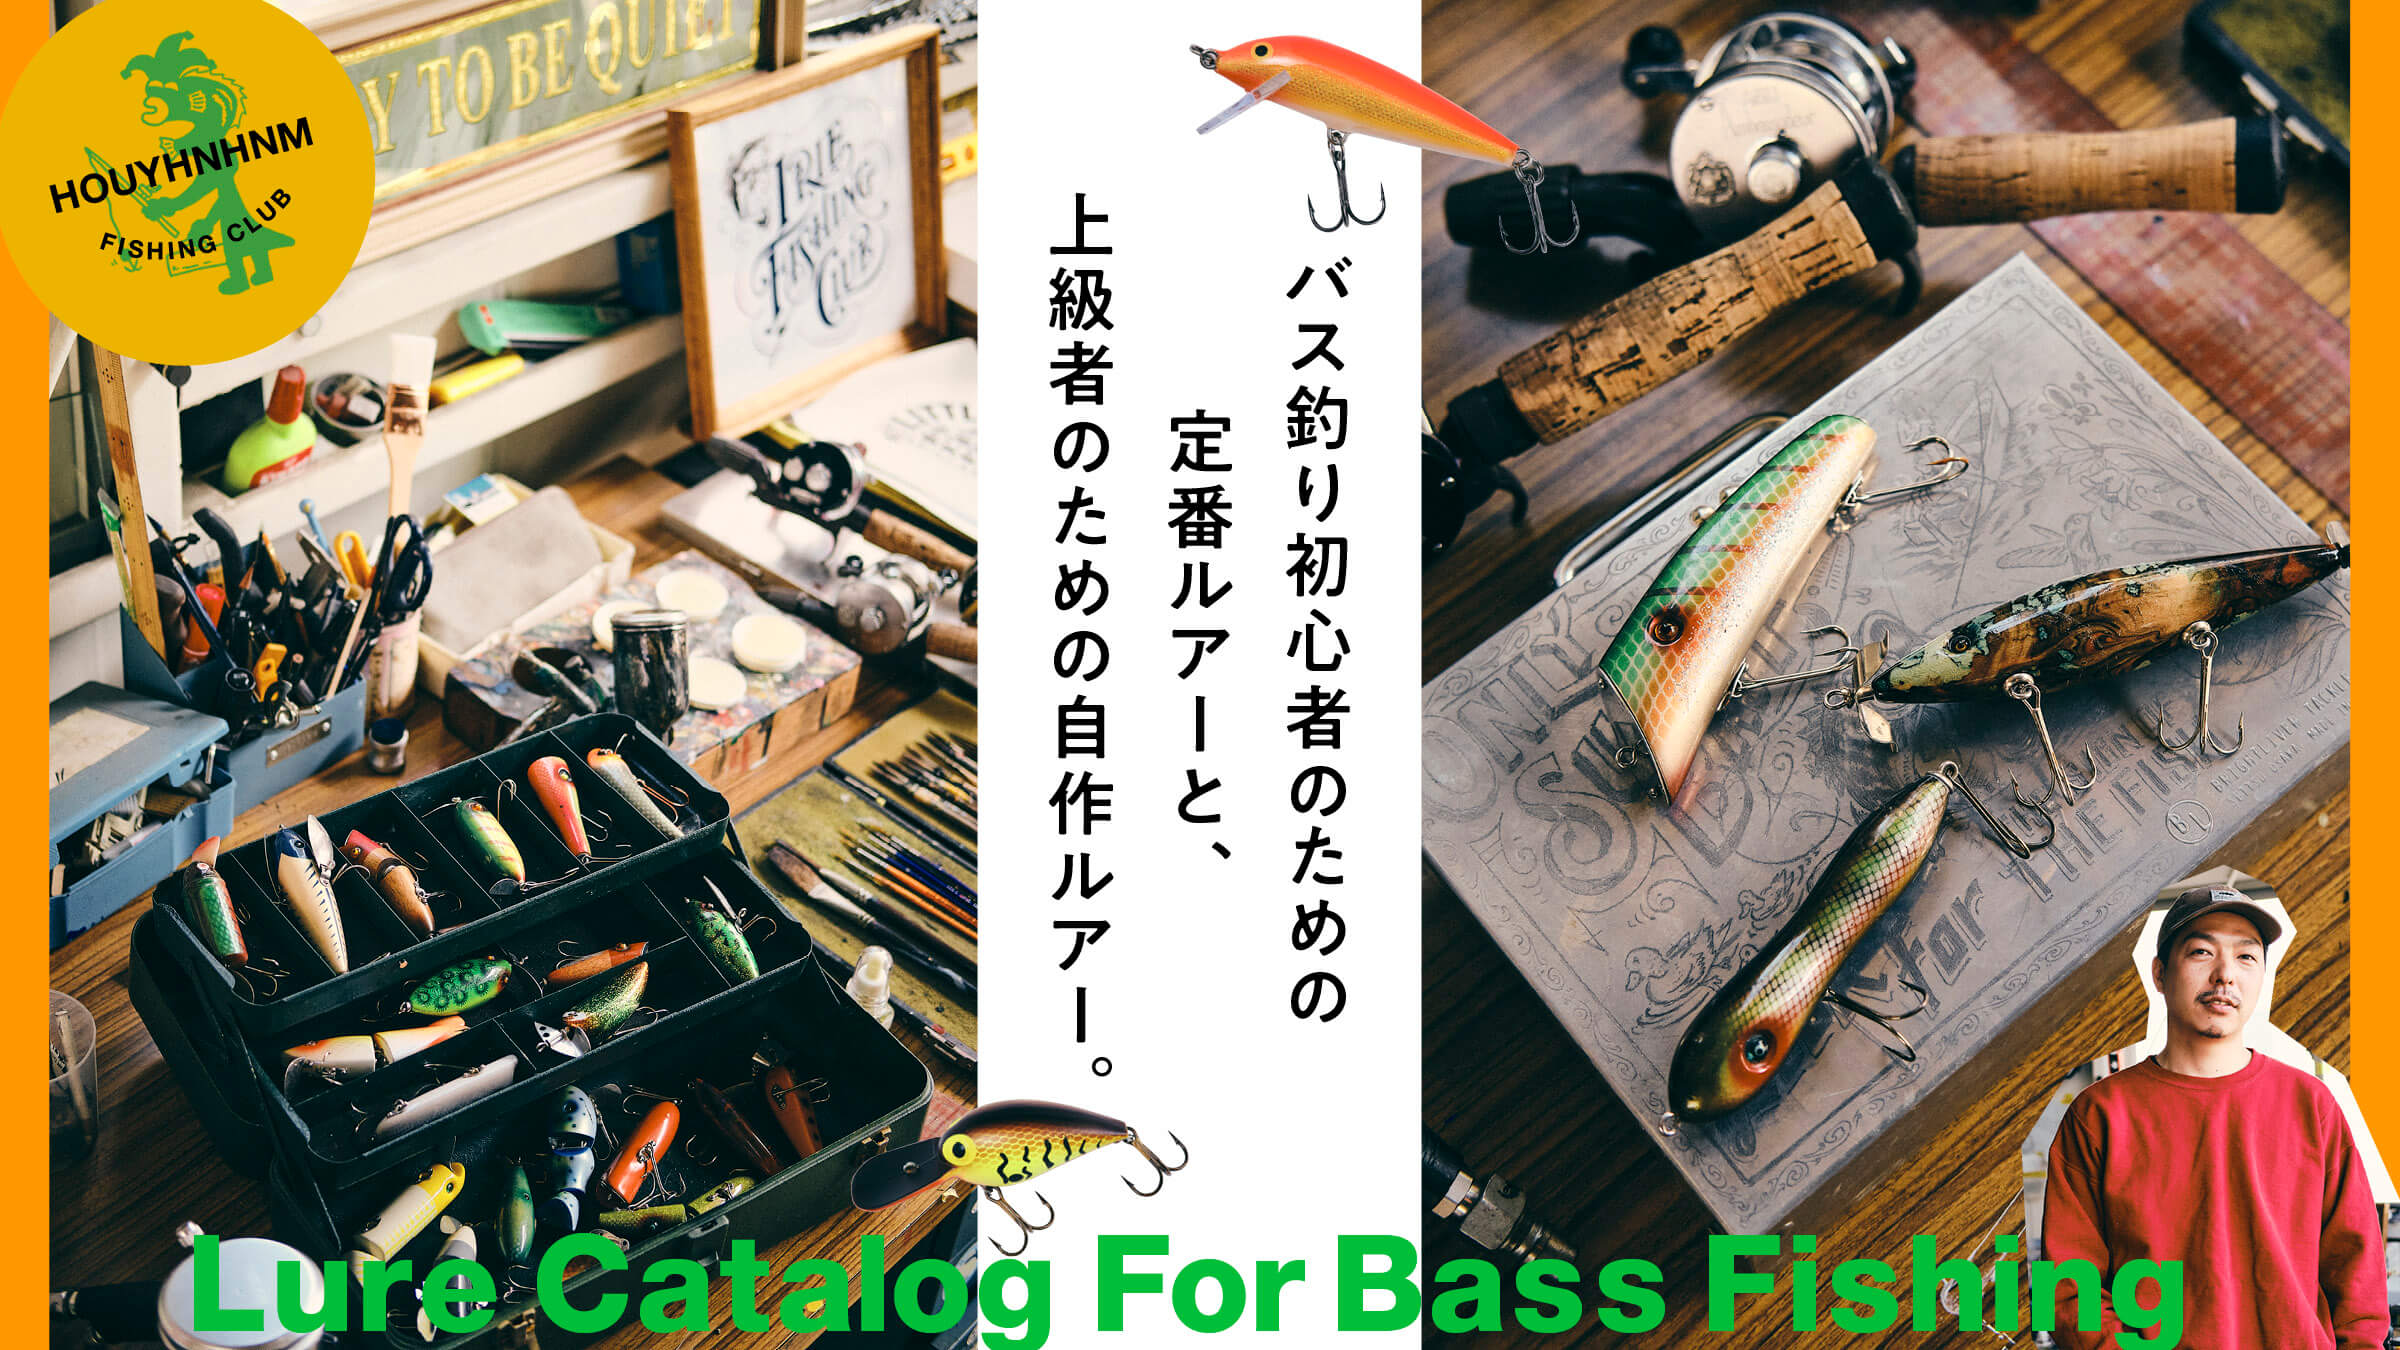 バス釣り初心者のための定番ルアーと、上級者のための自作ルアー。